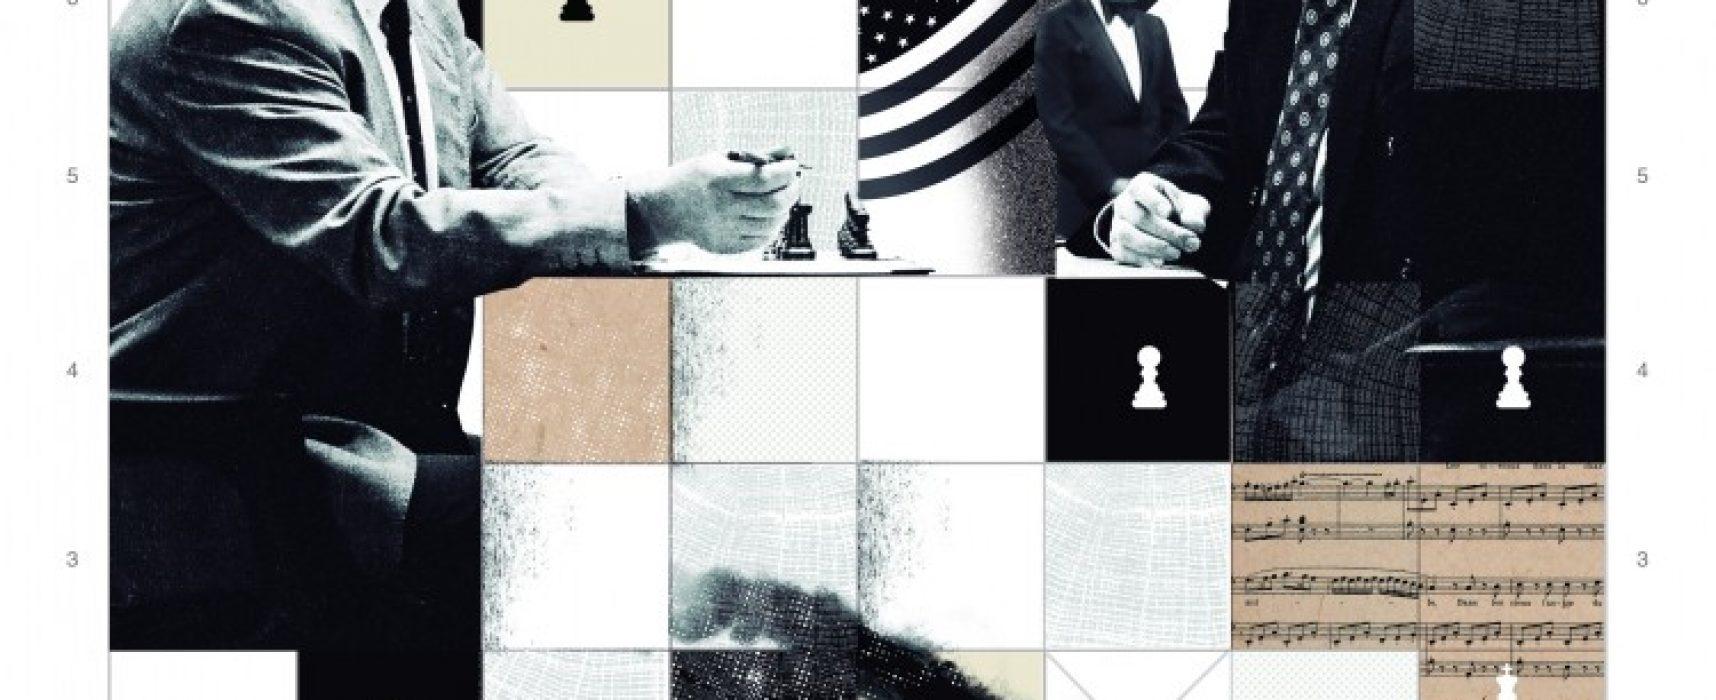 ¿Quién mató a Bobby Fischer?